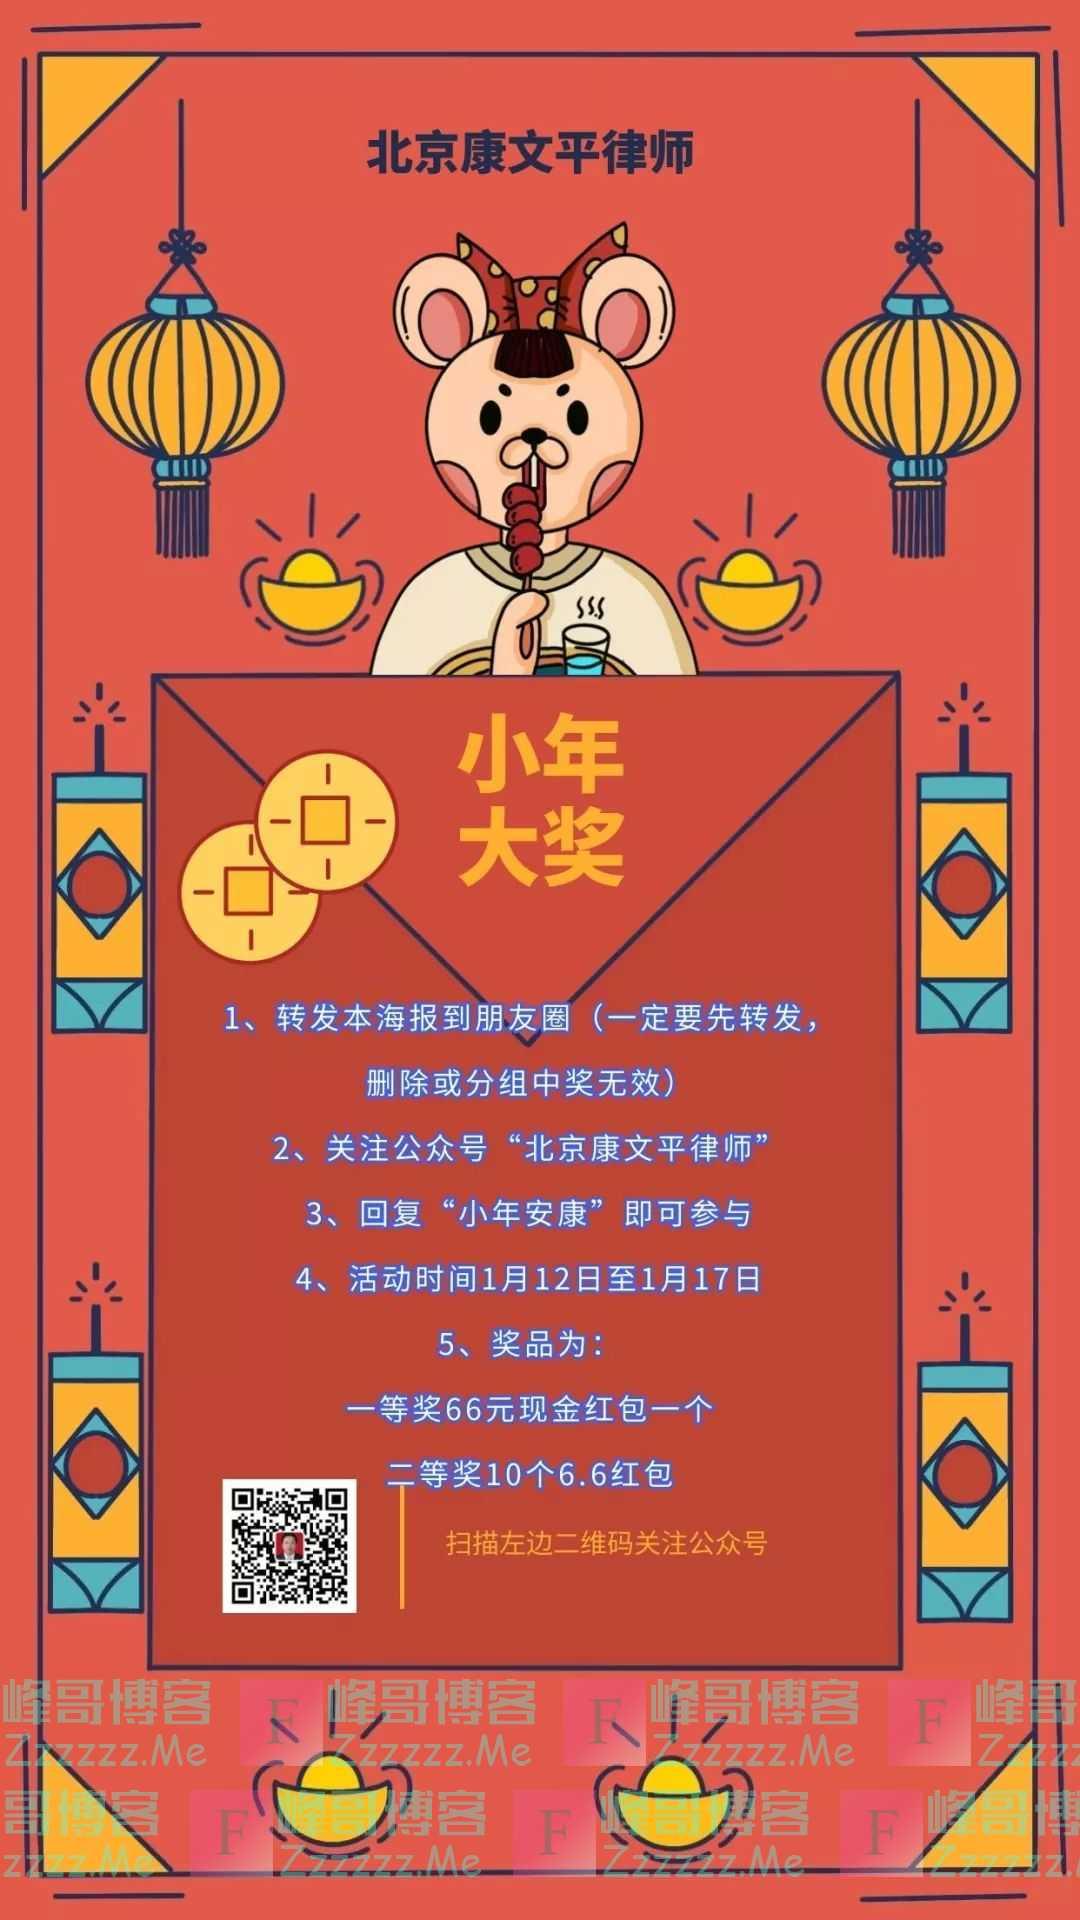 北京康文平律师小年夜现金红包抽奖!(截止1月17日)